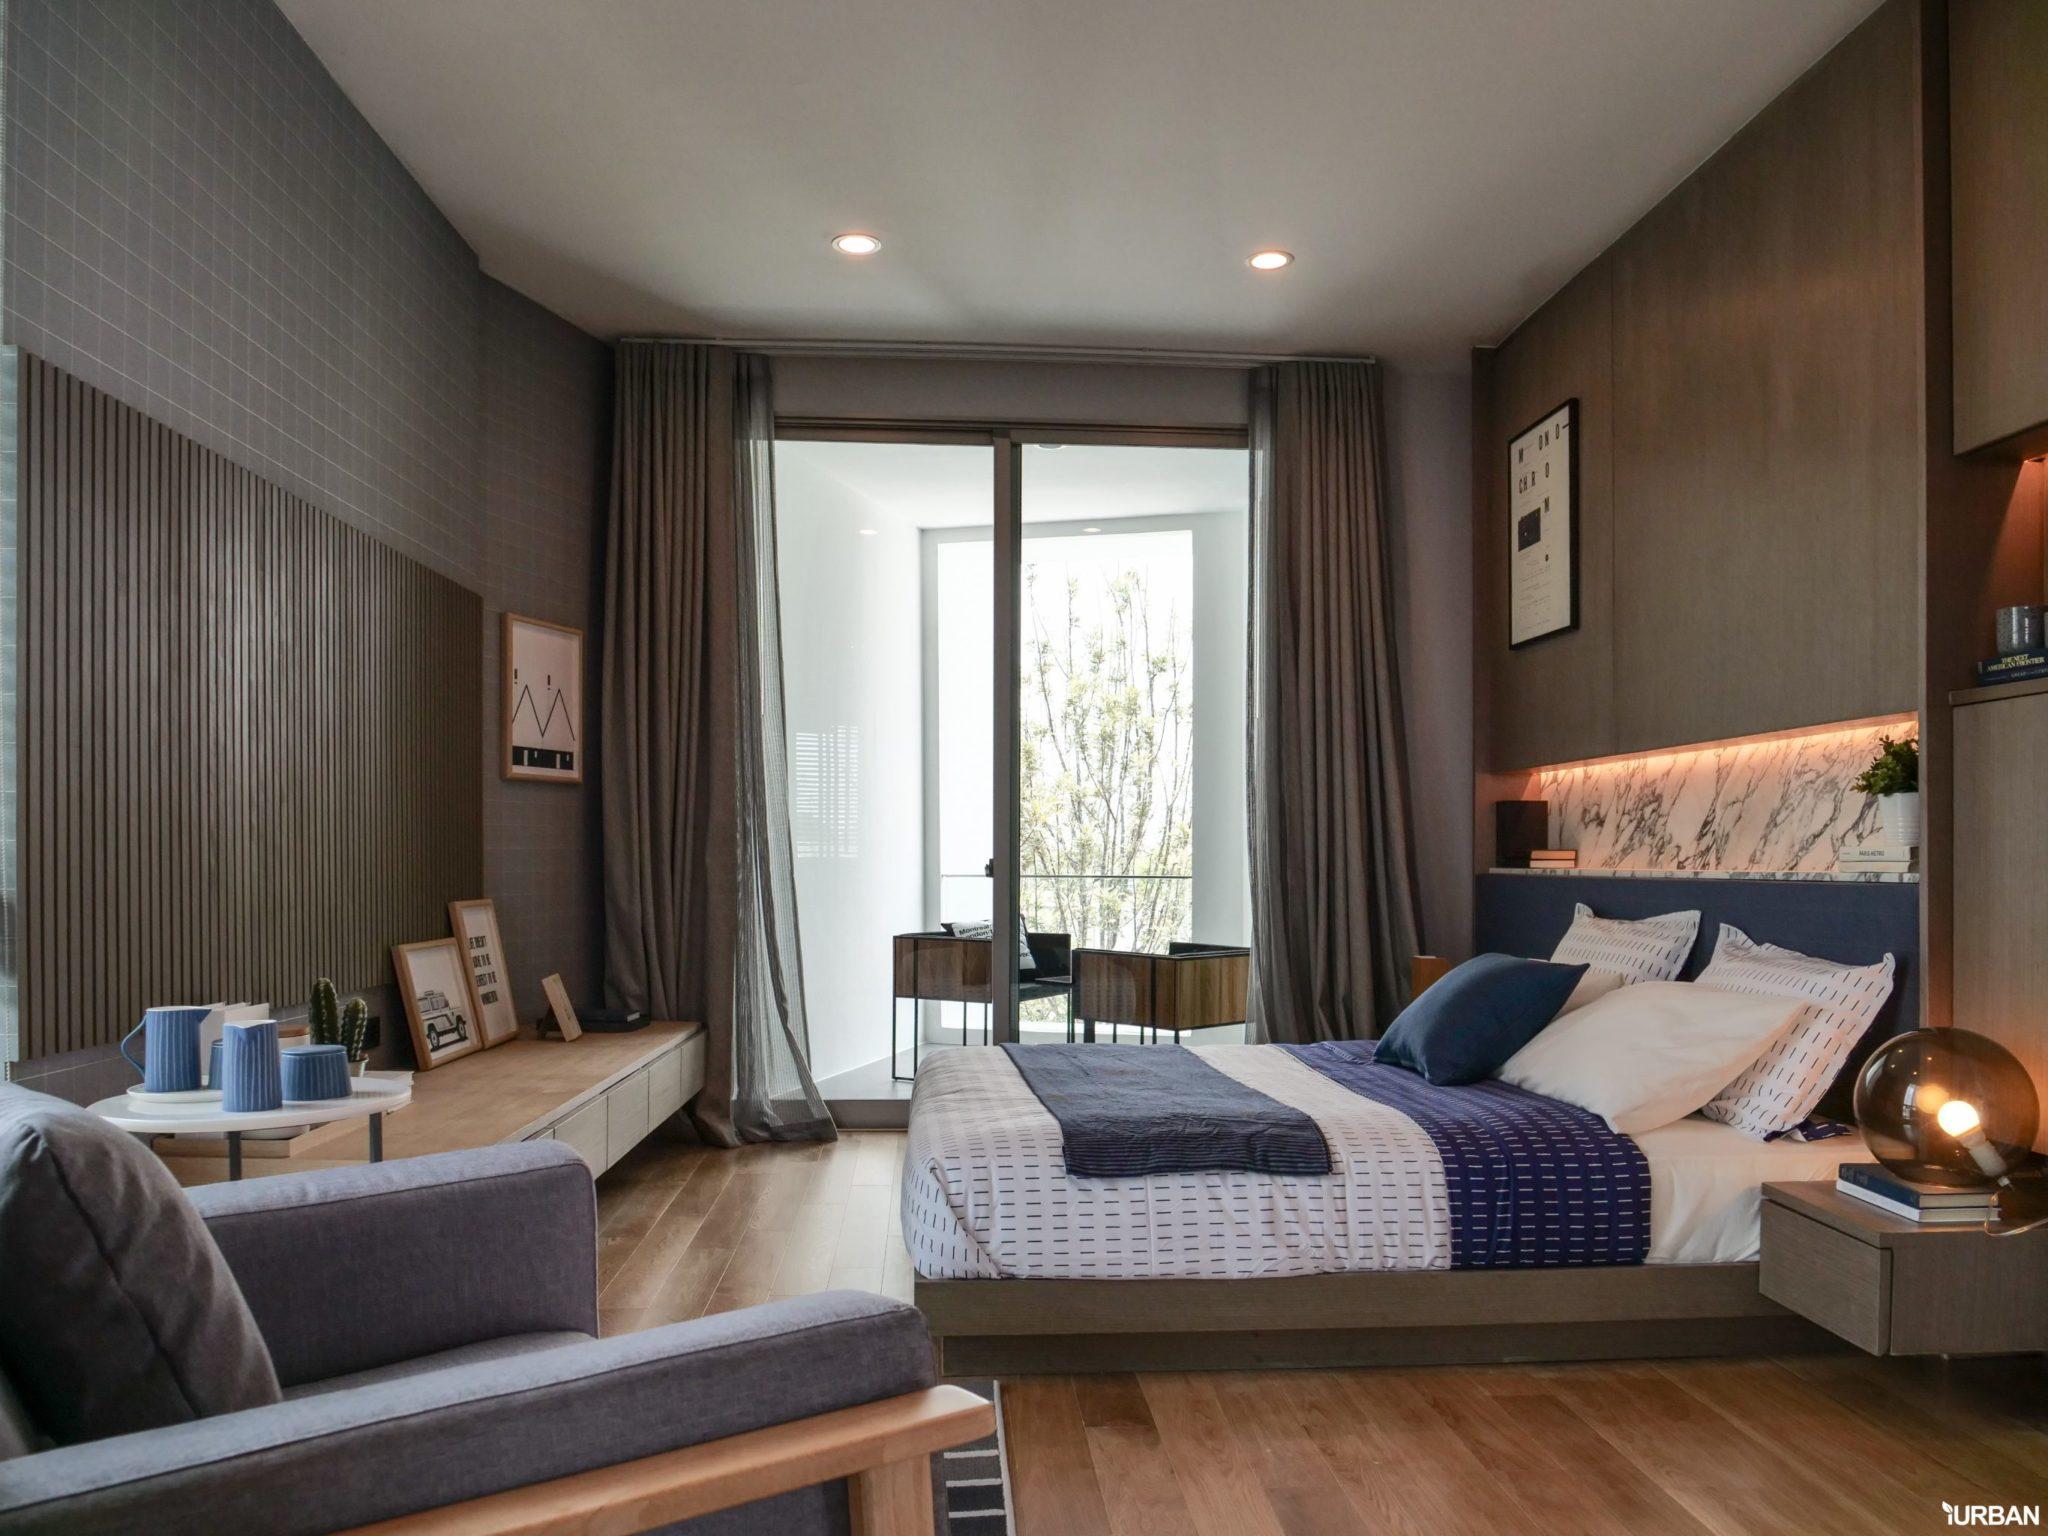 """""""เนอวานา ไดอิ"""" ปฏิวัติรูปแบบการอยู่อาศัย พร้อมเปิดโครงการ """"เนอวานา บียอนด์ พระราม 9-กรุงเทพกรีฑา"""" บ้านต้นแบบแนวคิดใหม่ 28 -"""